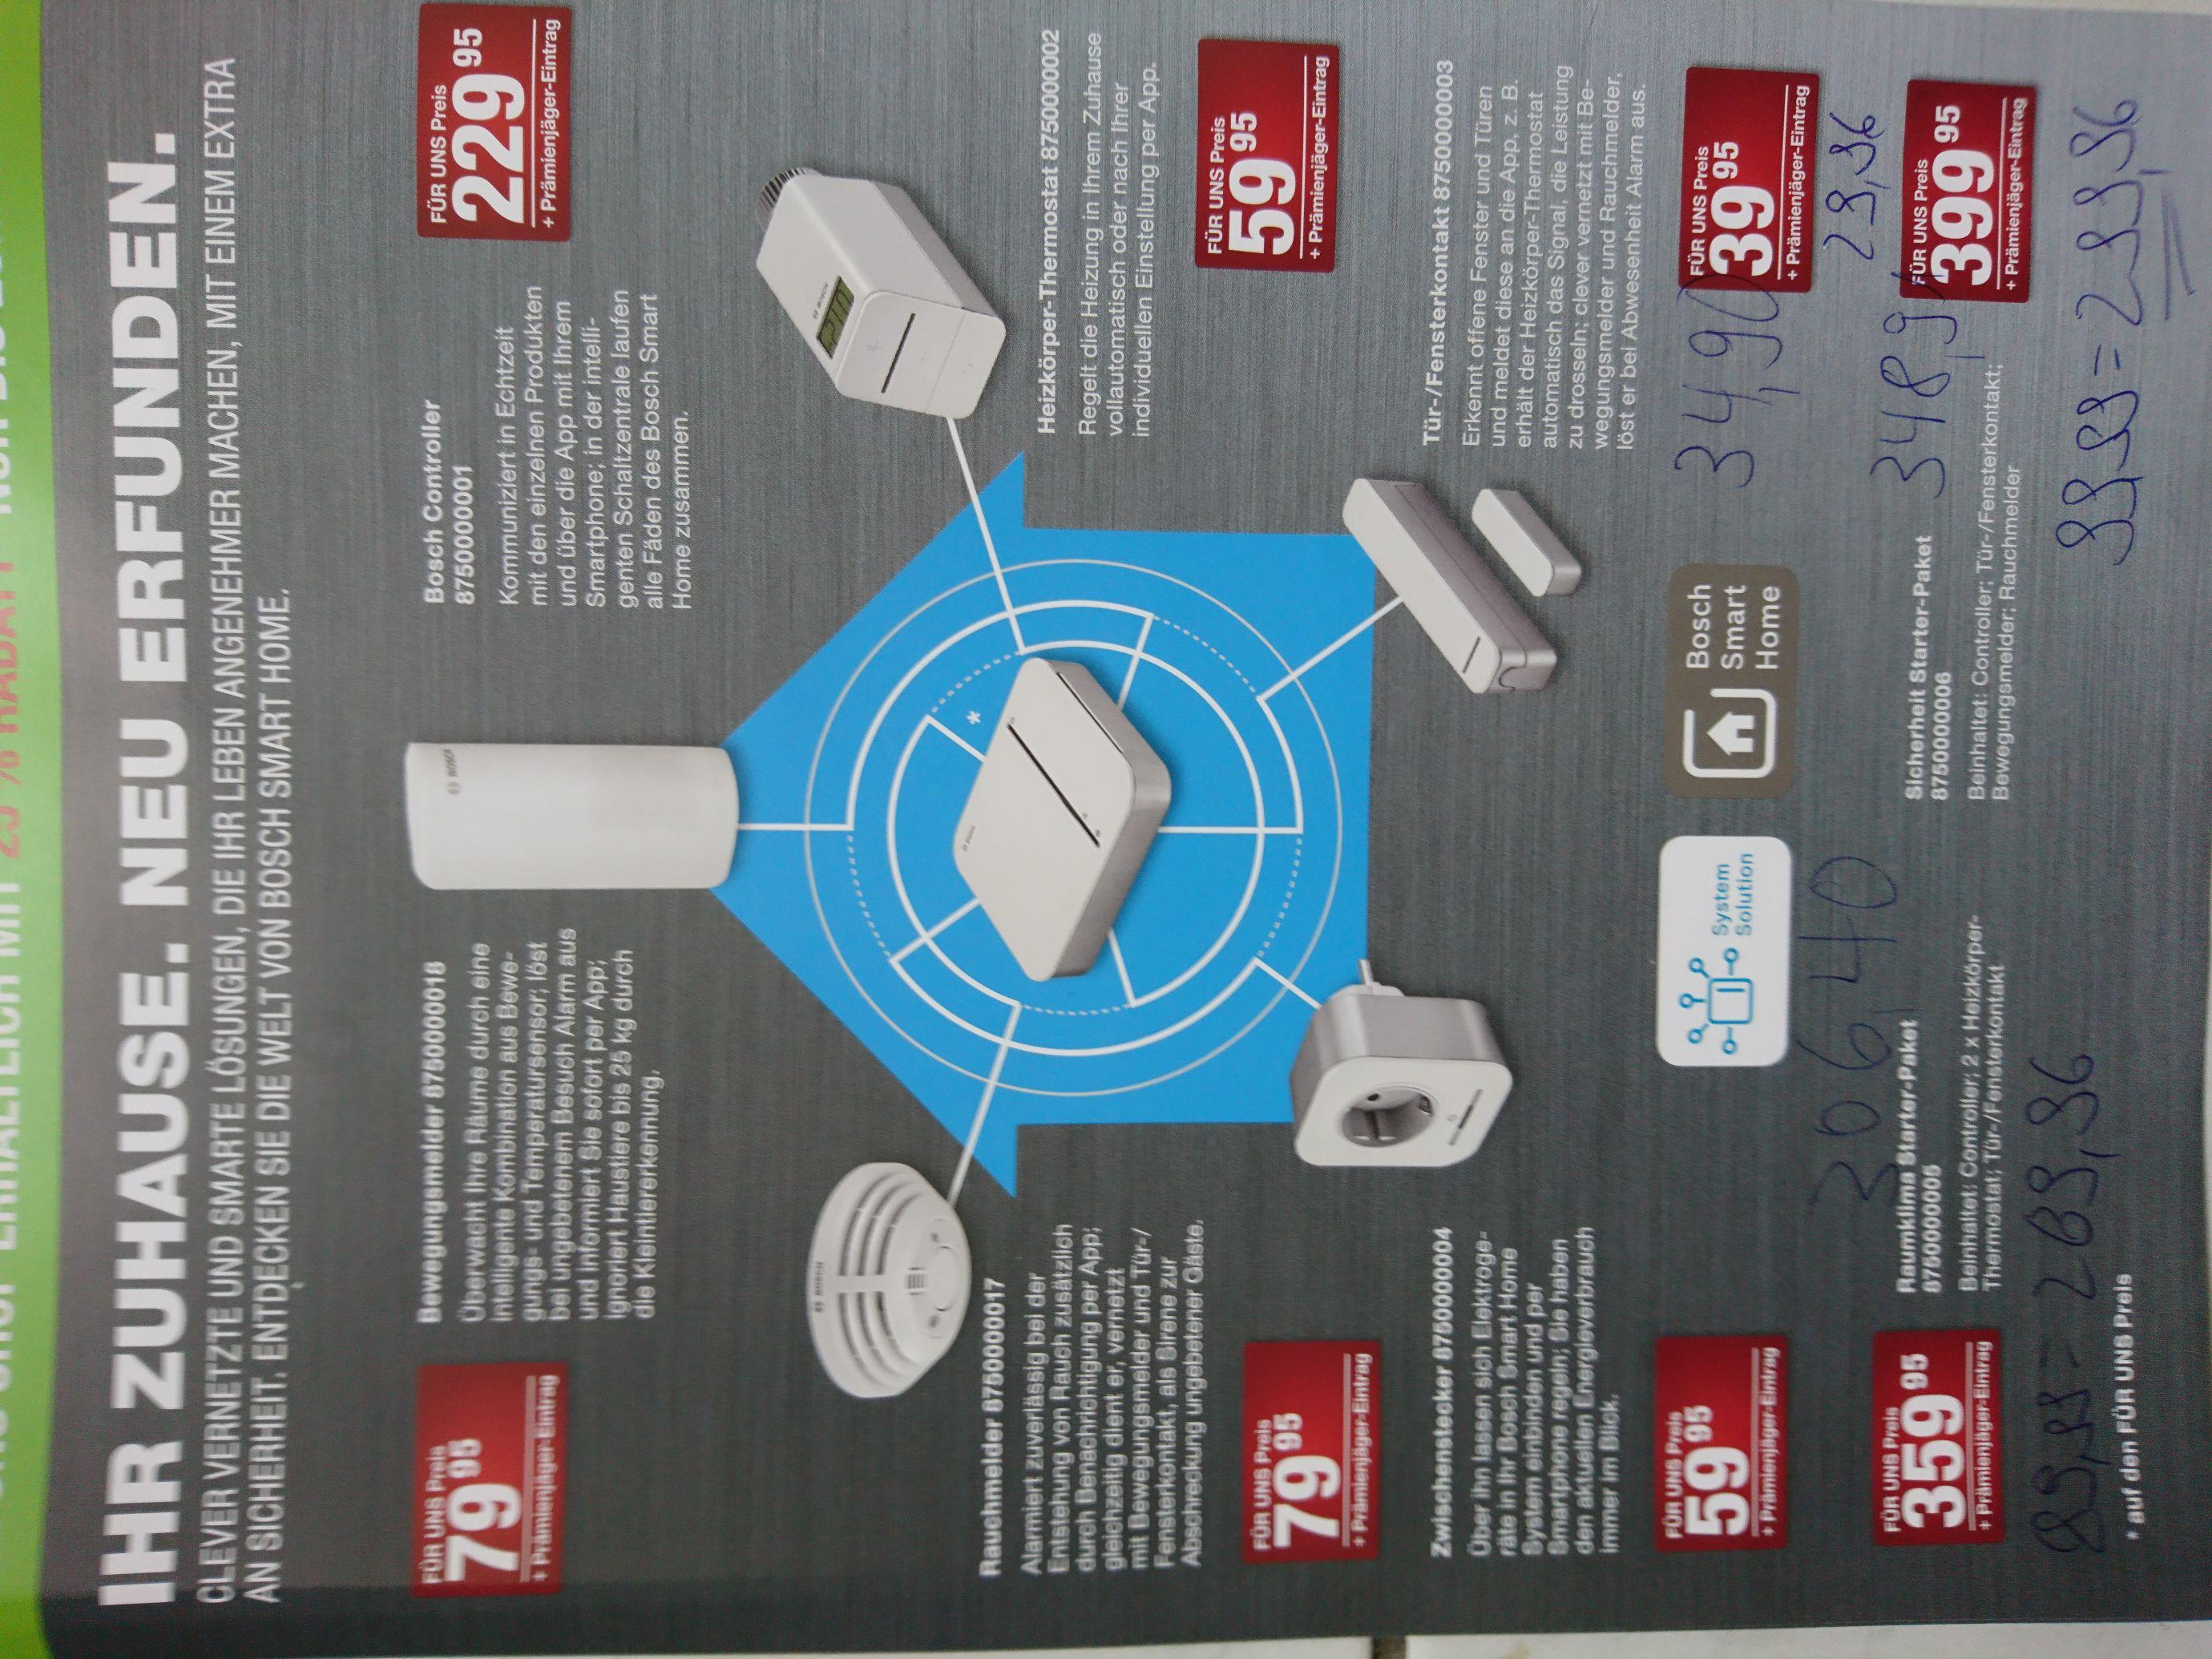 Lokal (?) Essen: 25% auf alle Bosch Smart Home Produkte im Für Uns Shop.